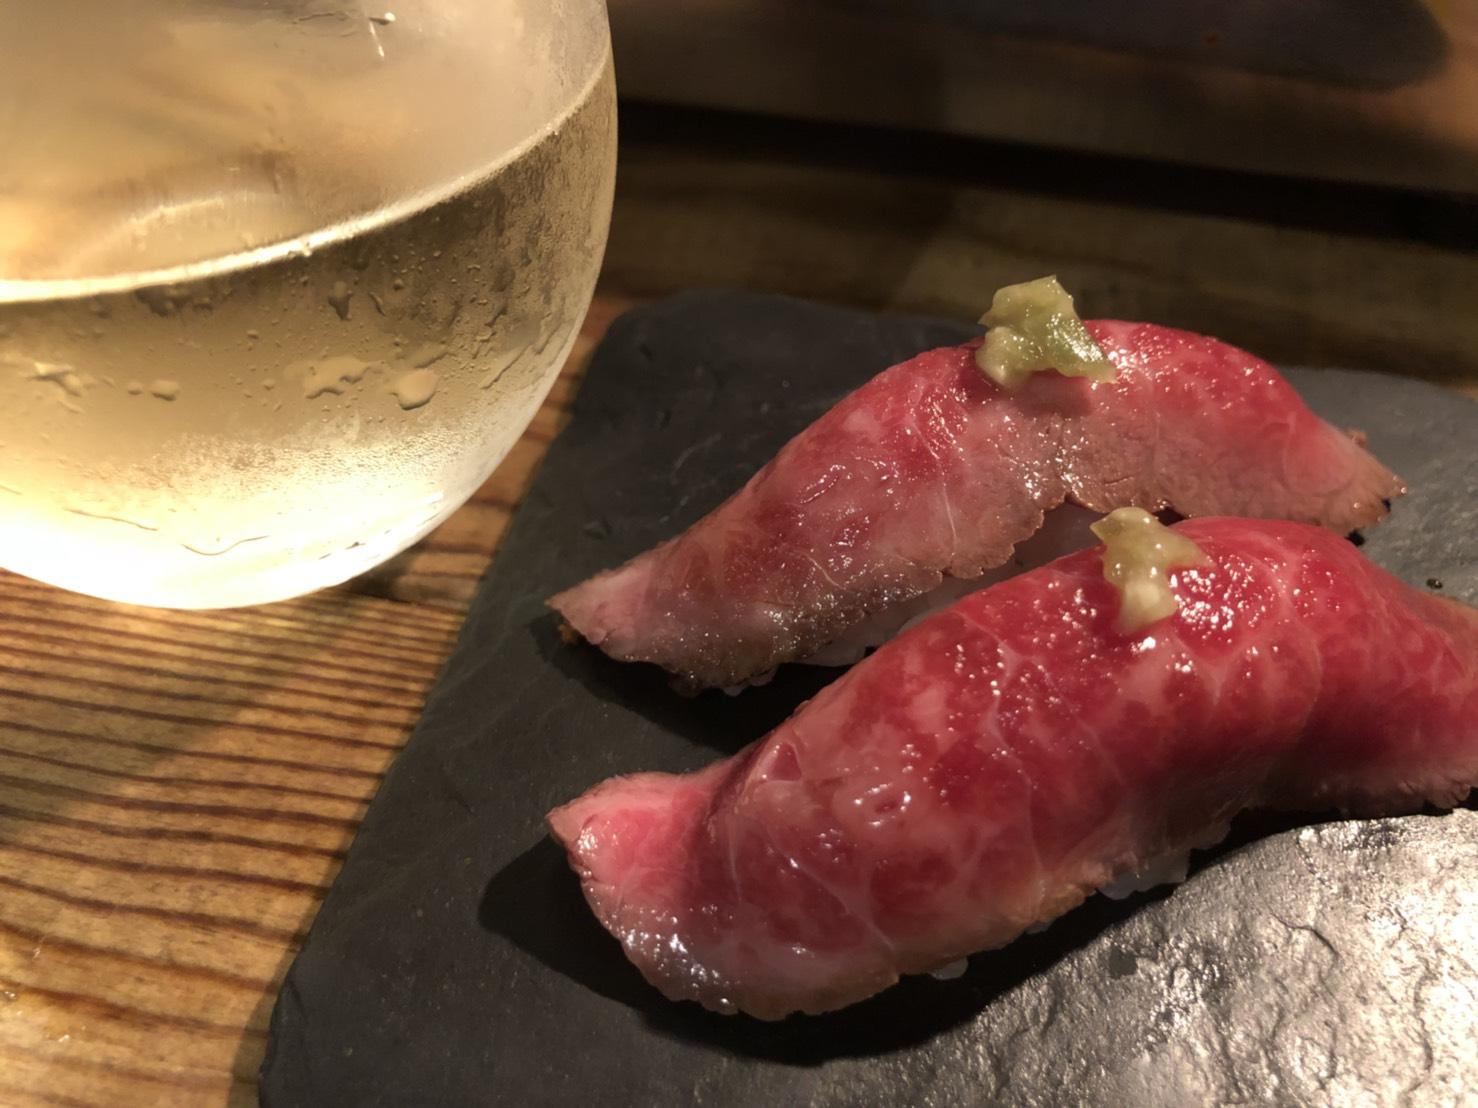 【池袋】美味しい肉寿司特集!駅周辺のおすすめ店や食べ放題もチェック♪